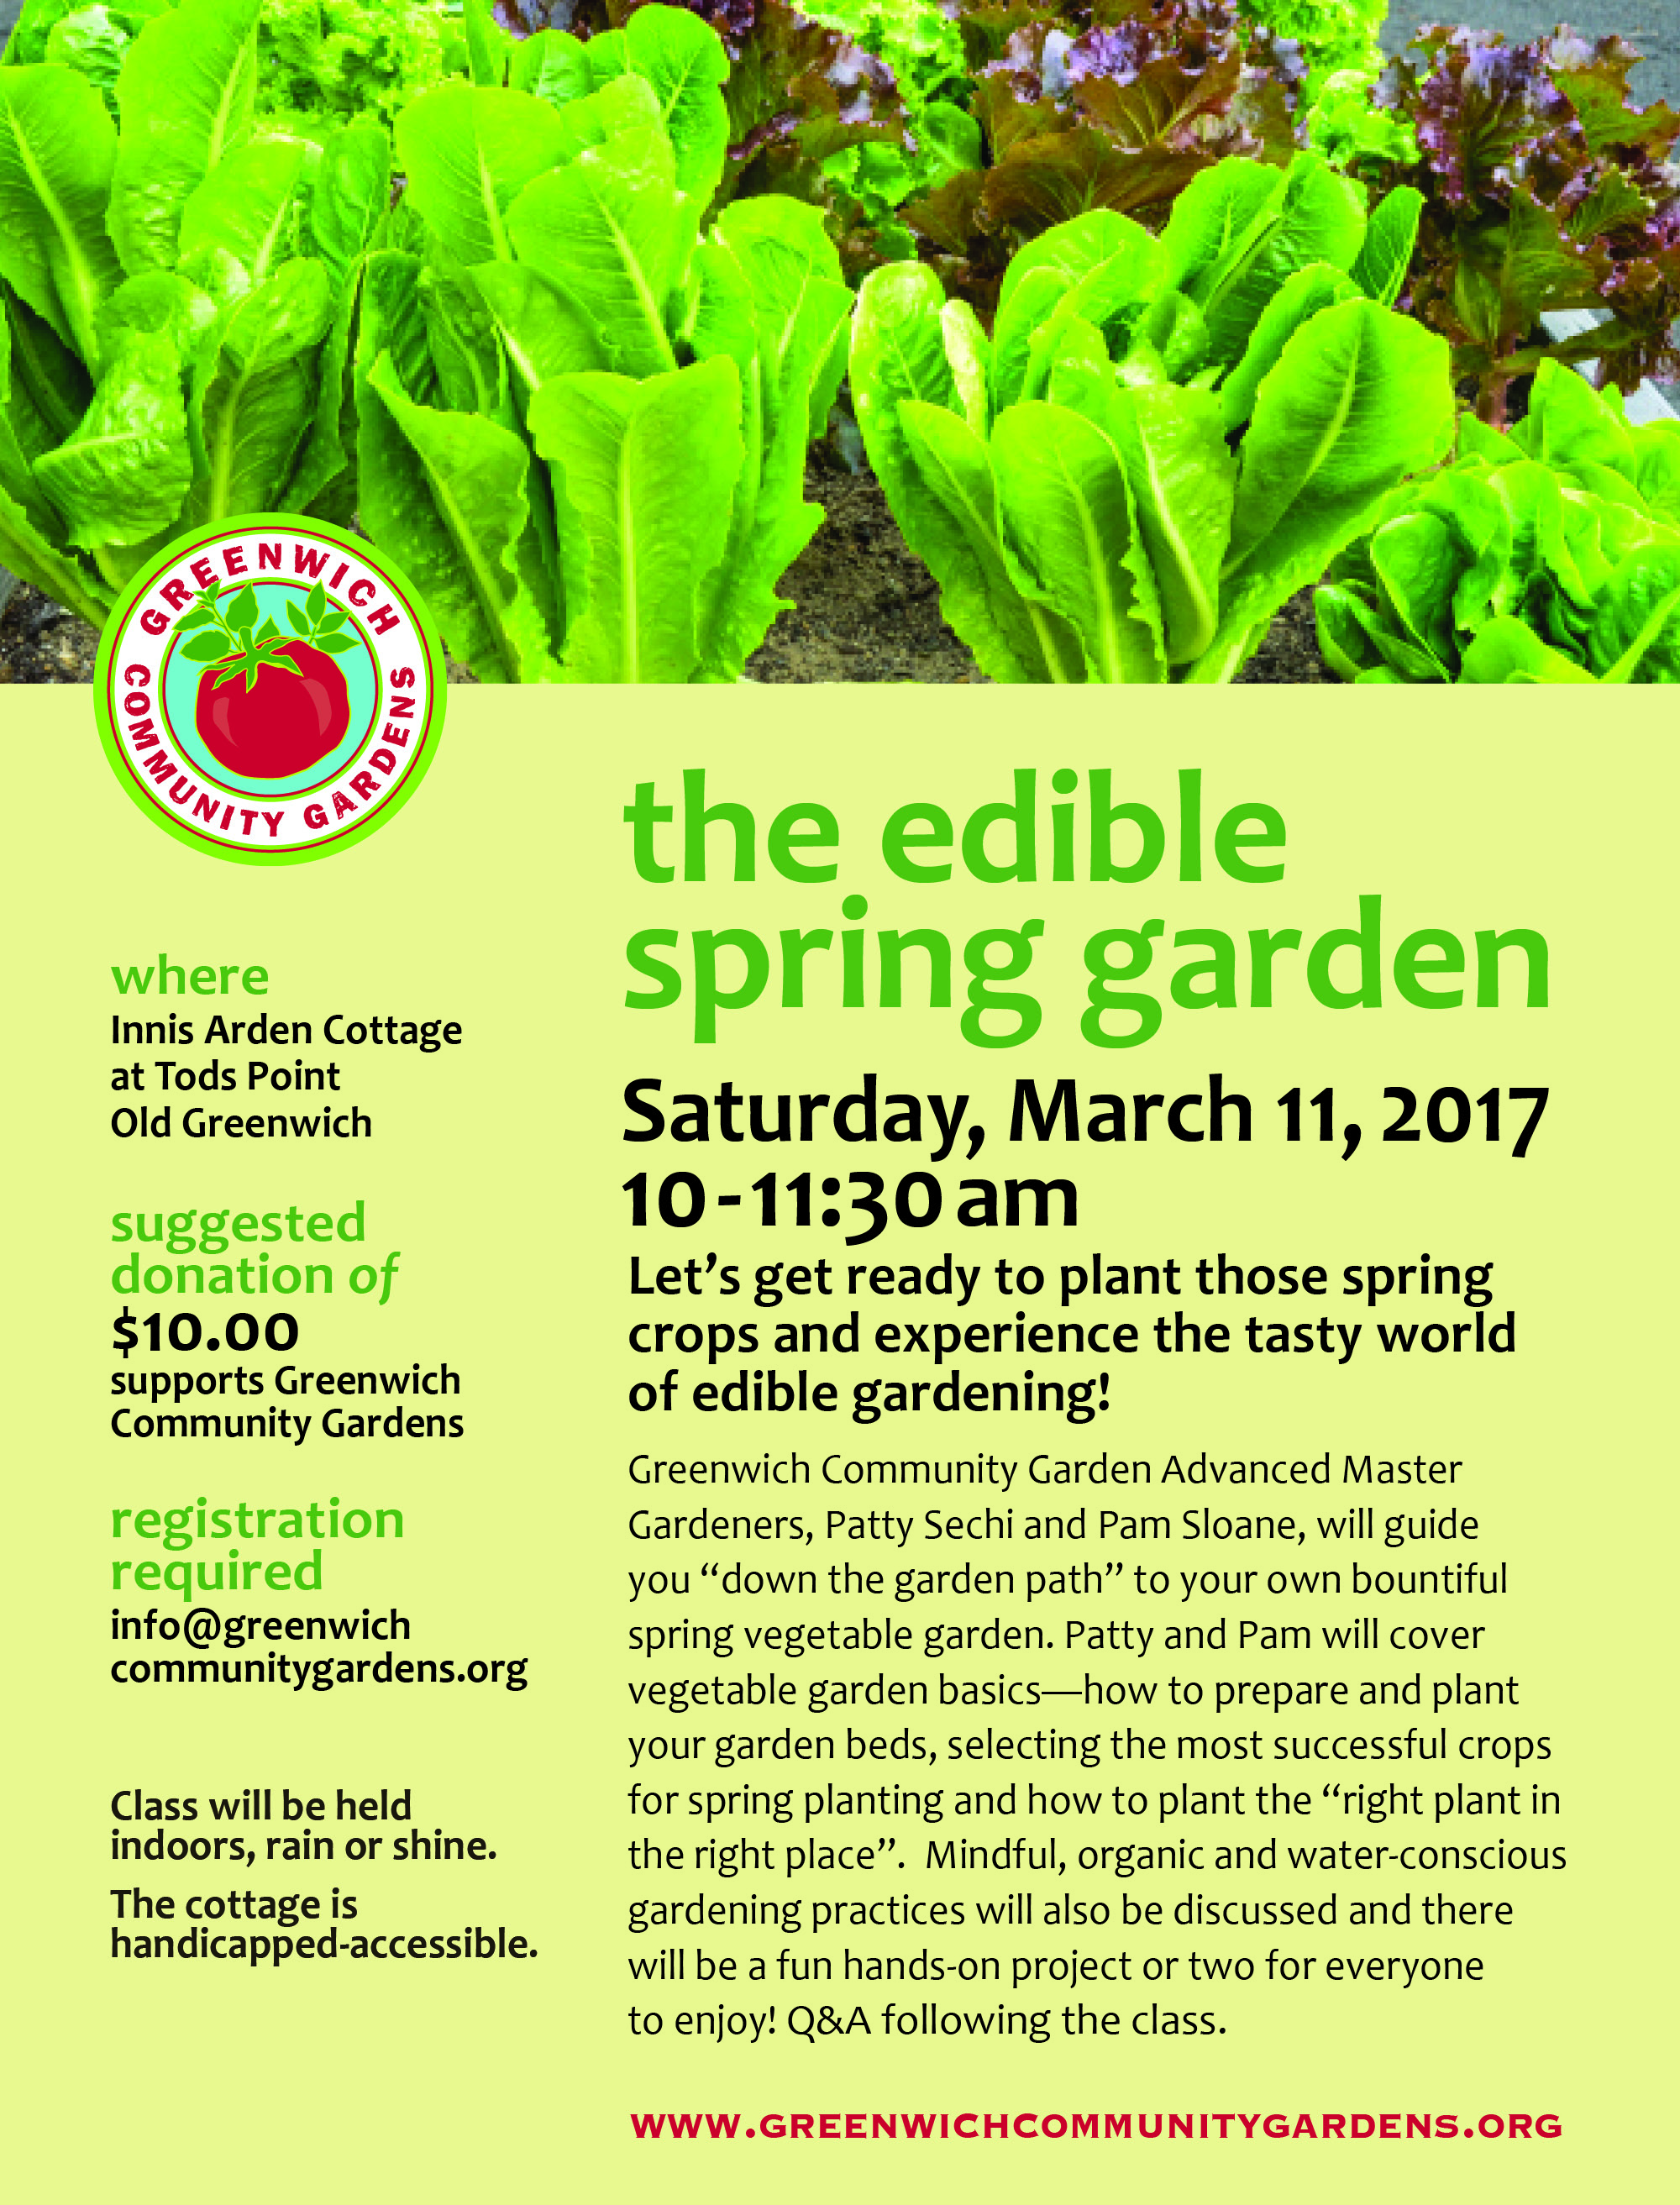 The Edible Spring Garden